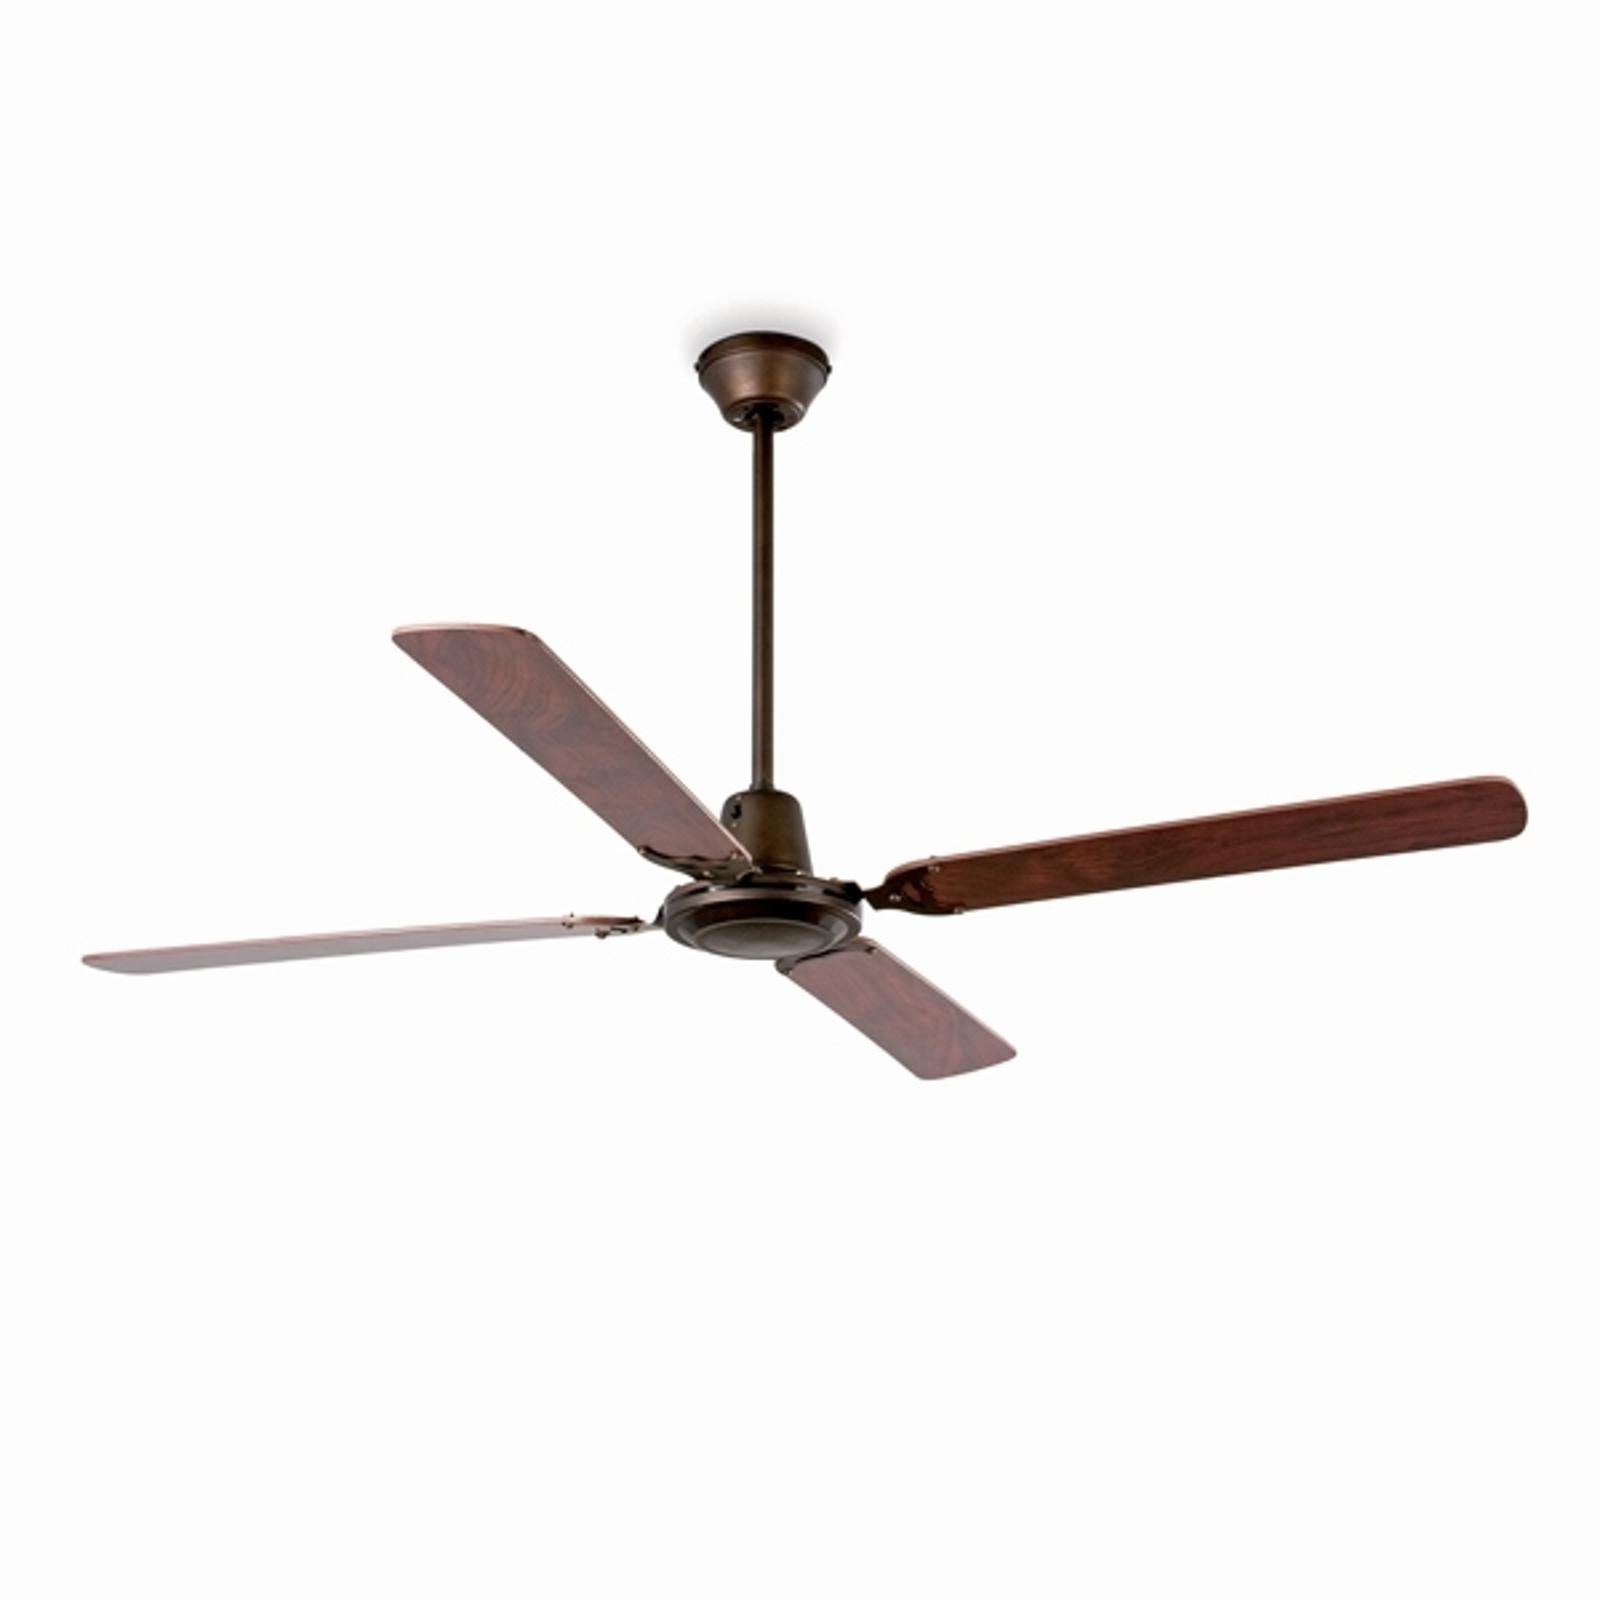 MALVINAS - moderno ventilatore marrone a soffitto